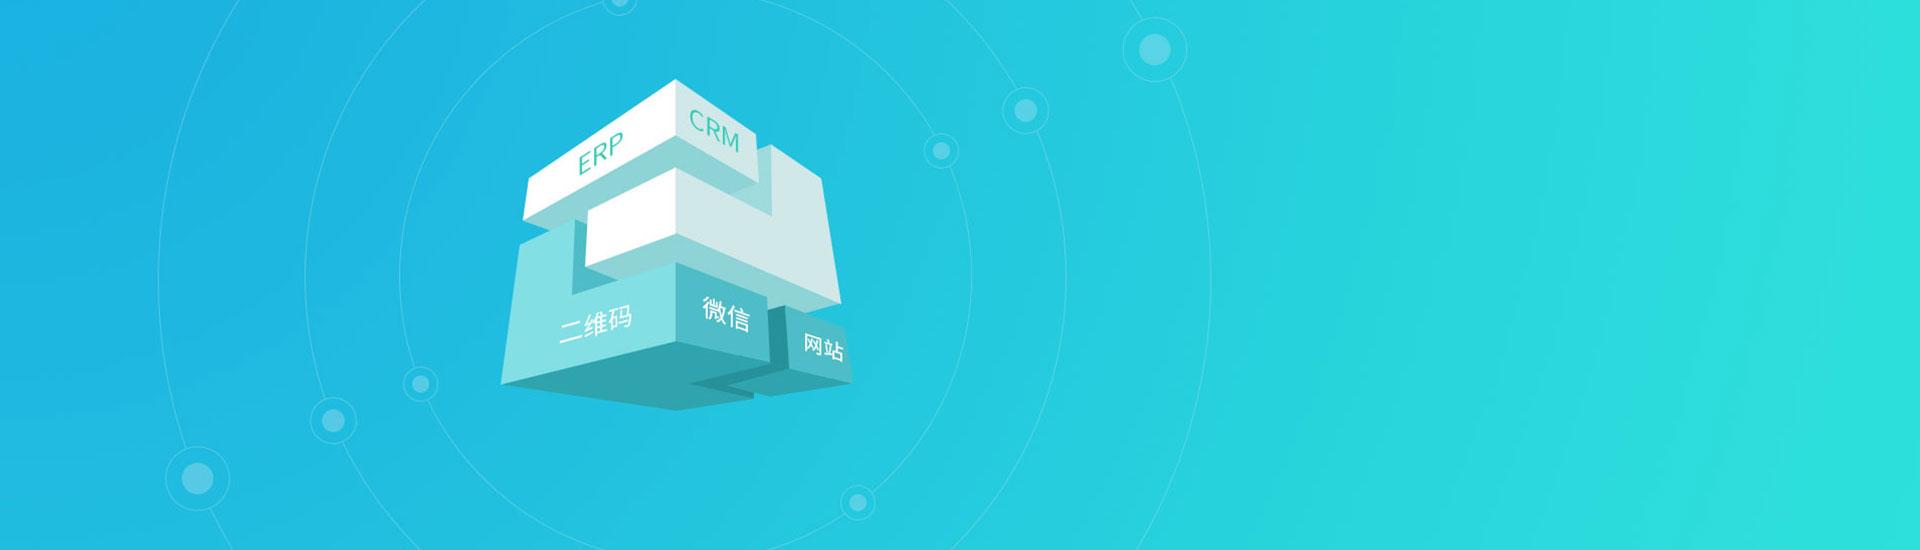 580云创新移动互联网